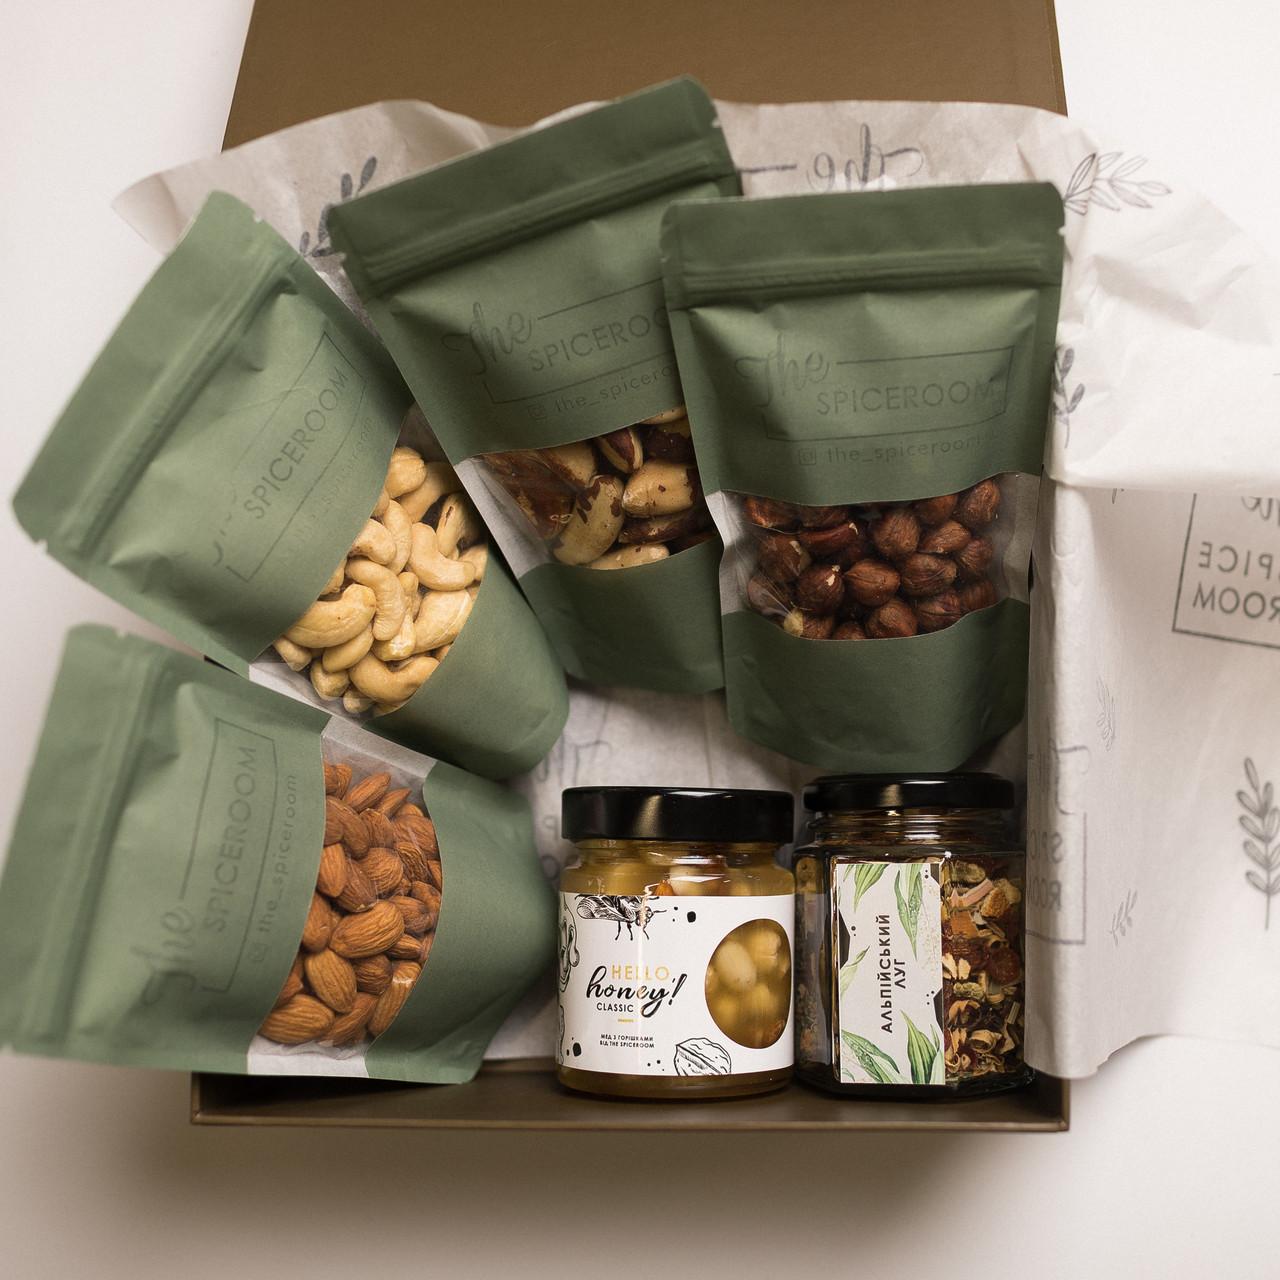 Подарочный набор The Spicebox / Ореховый бум